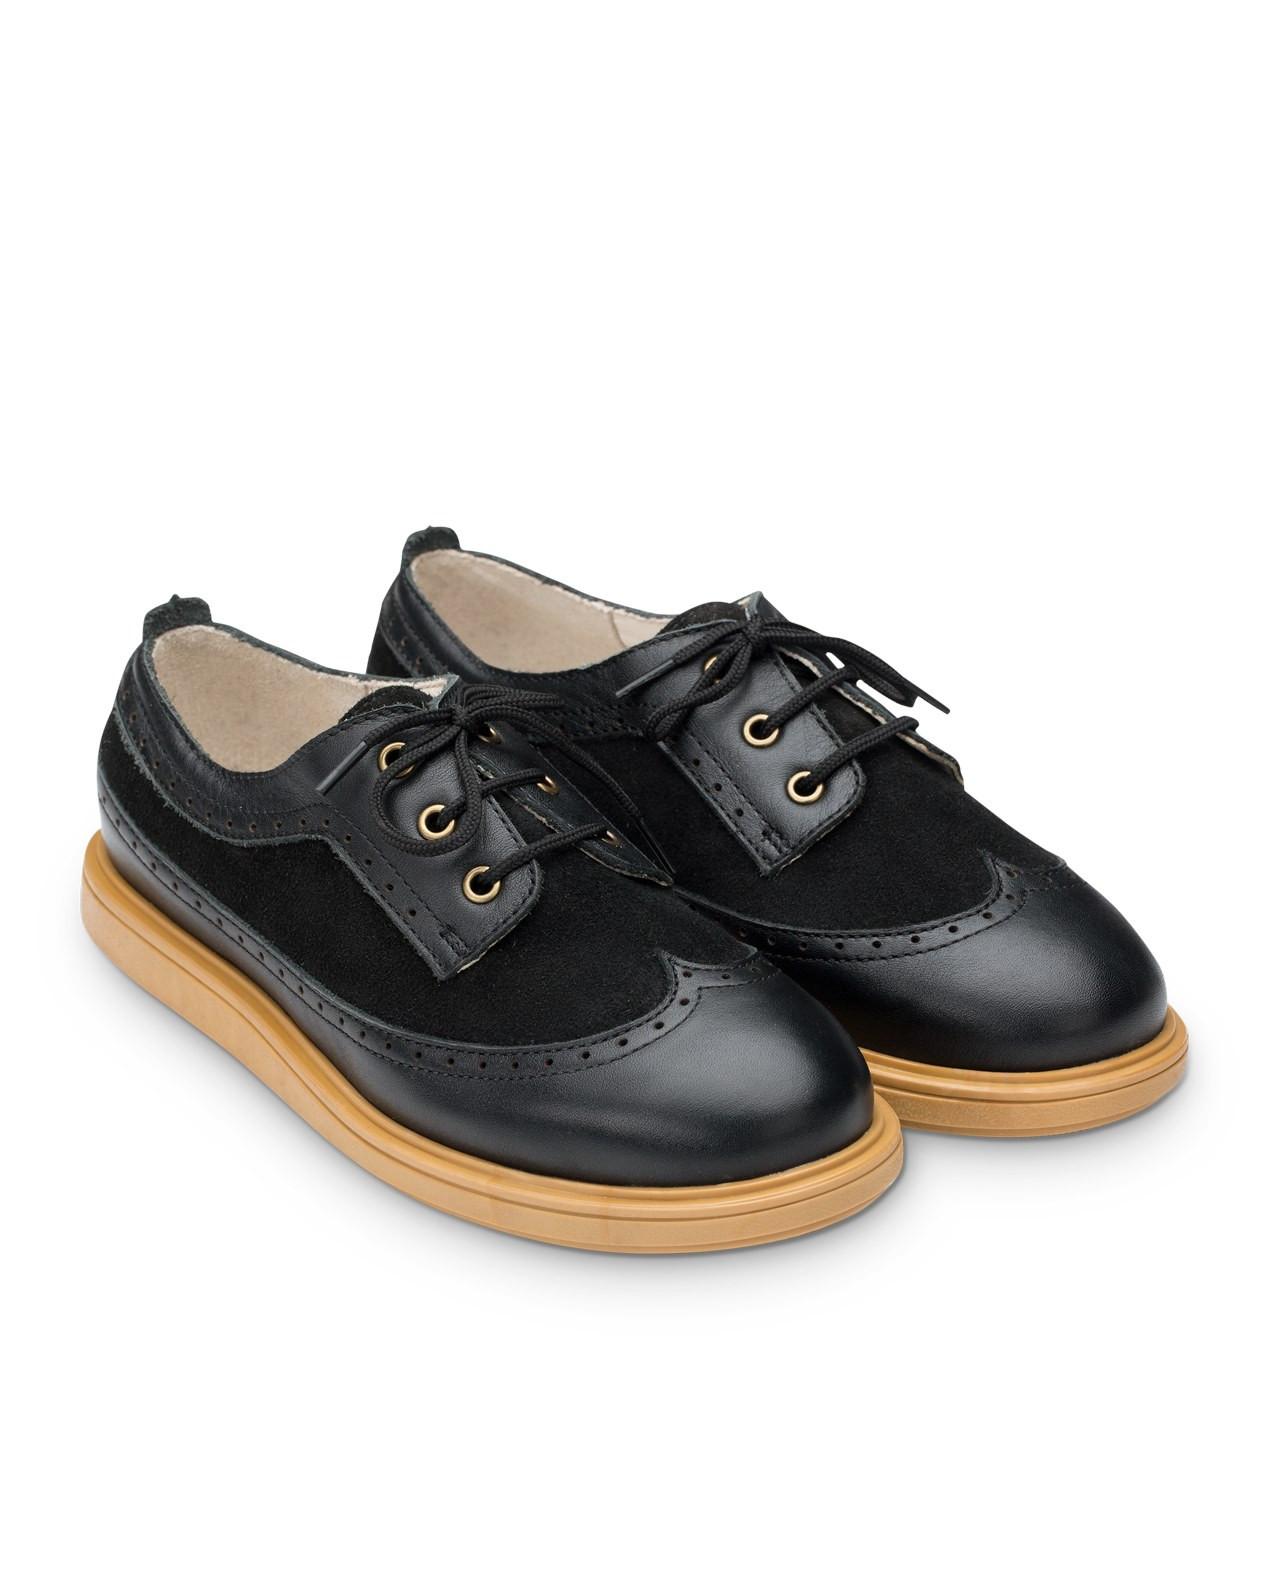 Полуботинки Детские, Tapiboo Степ (44459, 33 )Обувь для школы<br>Классические полуботинки для ежедневной <br>профилактики плоскостопия. Многослойная, <br>анатомическая стелька со сводоподдерживающим <br>элементом для правильного формирования <br>стопы. Благодаря использованию современных <br>внутренних материалов позволяет оптимально <br>распределить нагрузку по всей площади стопы <br>и свести к минимуму ее ударную составляющую. <br>Жесткий фиксирующий задник надежно стабилизирует <br>голеностопный сустав во время ходьбы. Упругая, <br>умеренно-эластичная подошва, имеющая перекат <br>позволяющий повторить естественное движение <br>стопы при ходьбе для правильного распределения <br>нагрузки на опорно-двигательный аппарат <br>ребенка. Подкладка из натуральной кожи <br>обладает мягкостью и природной способностью <br>пропускать воздух для создания оптимального <br>температурного режима (нога не потеет).<br>Размер INT: M; Цвет: Красный; Ширина: 100; Высота: 200; Вес: 1000;